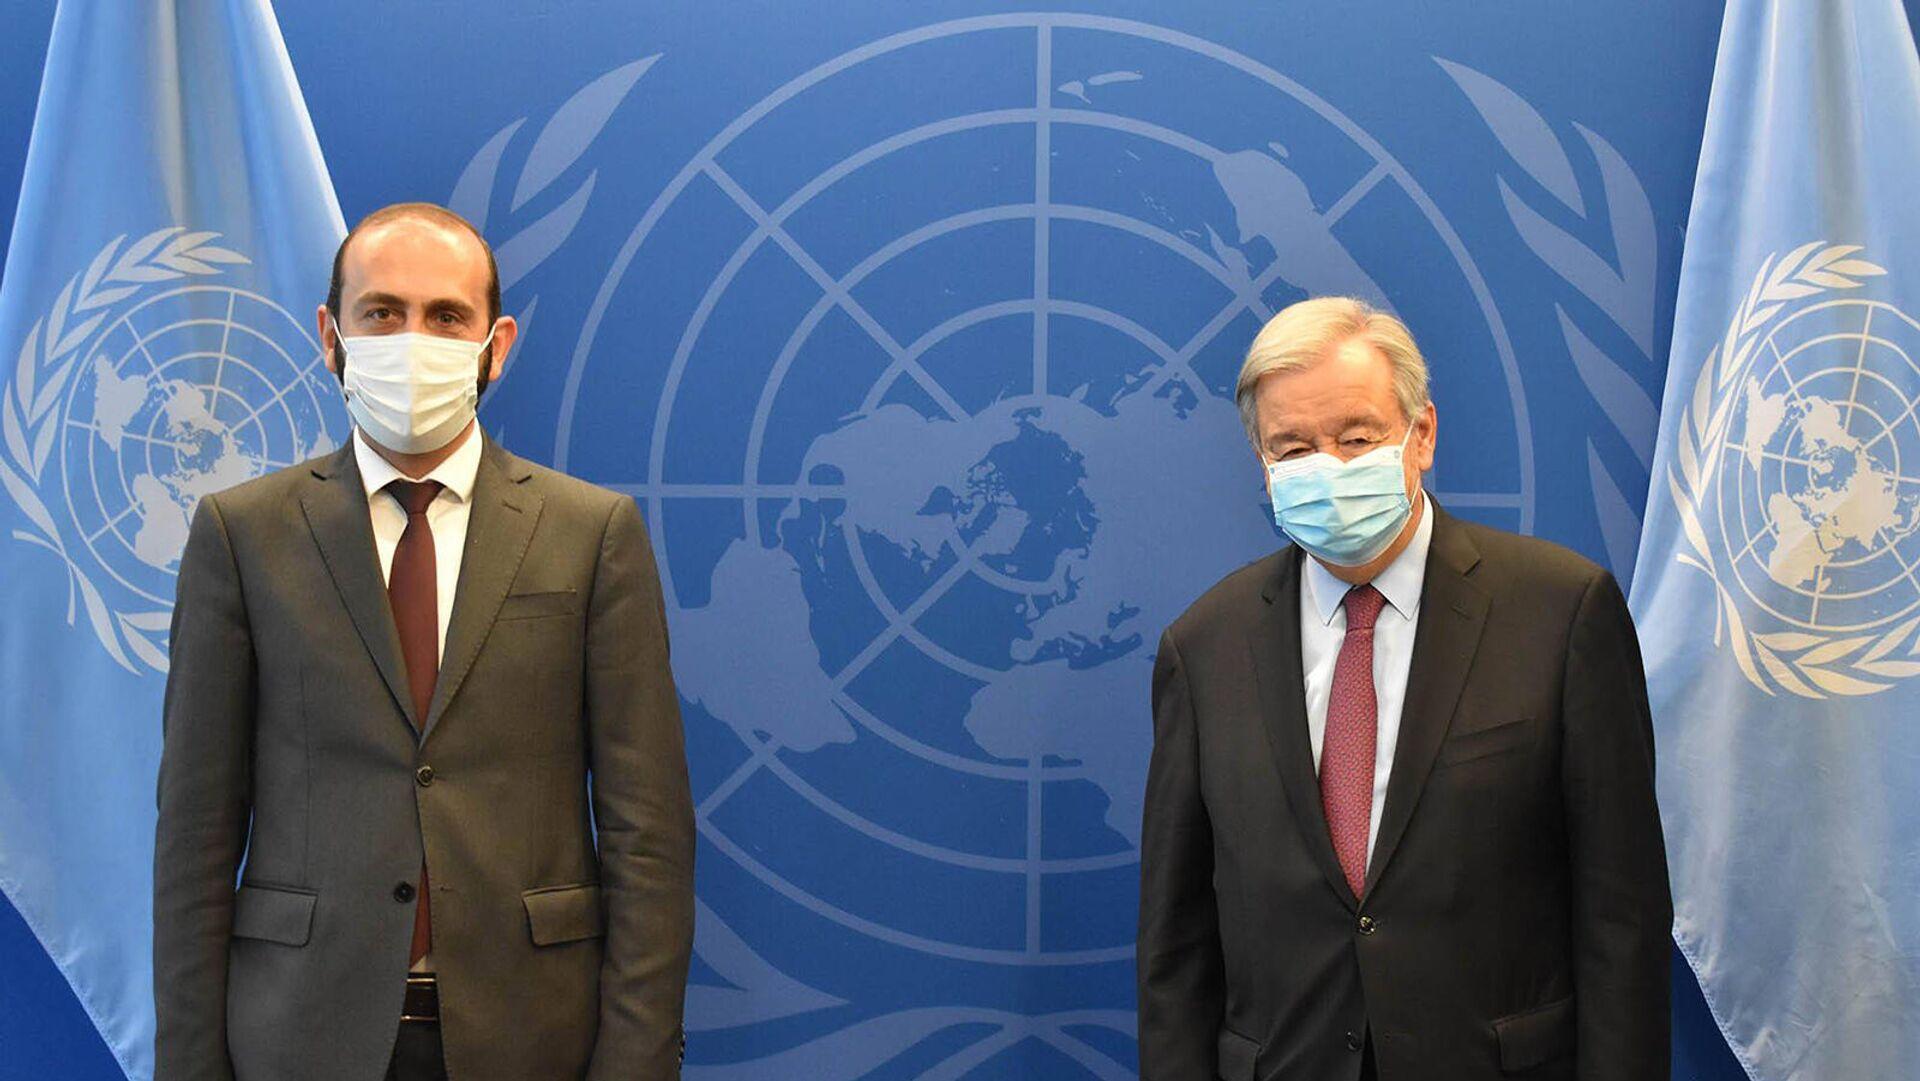 ՄԱԿ-ի գլխավոր քարտուղարը ՀՀ ԱԳ նախարարի հետ քննարկել է իրավիճակը Ադրբեջանի հետ սահմանին - Sputnik Արմենիա, 1920, 26.09.2021